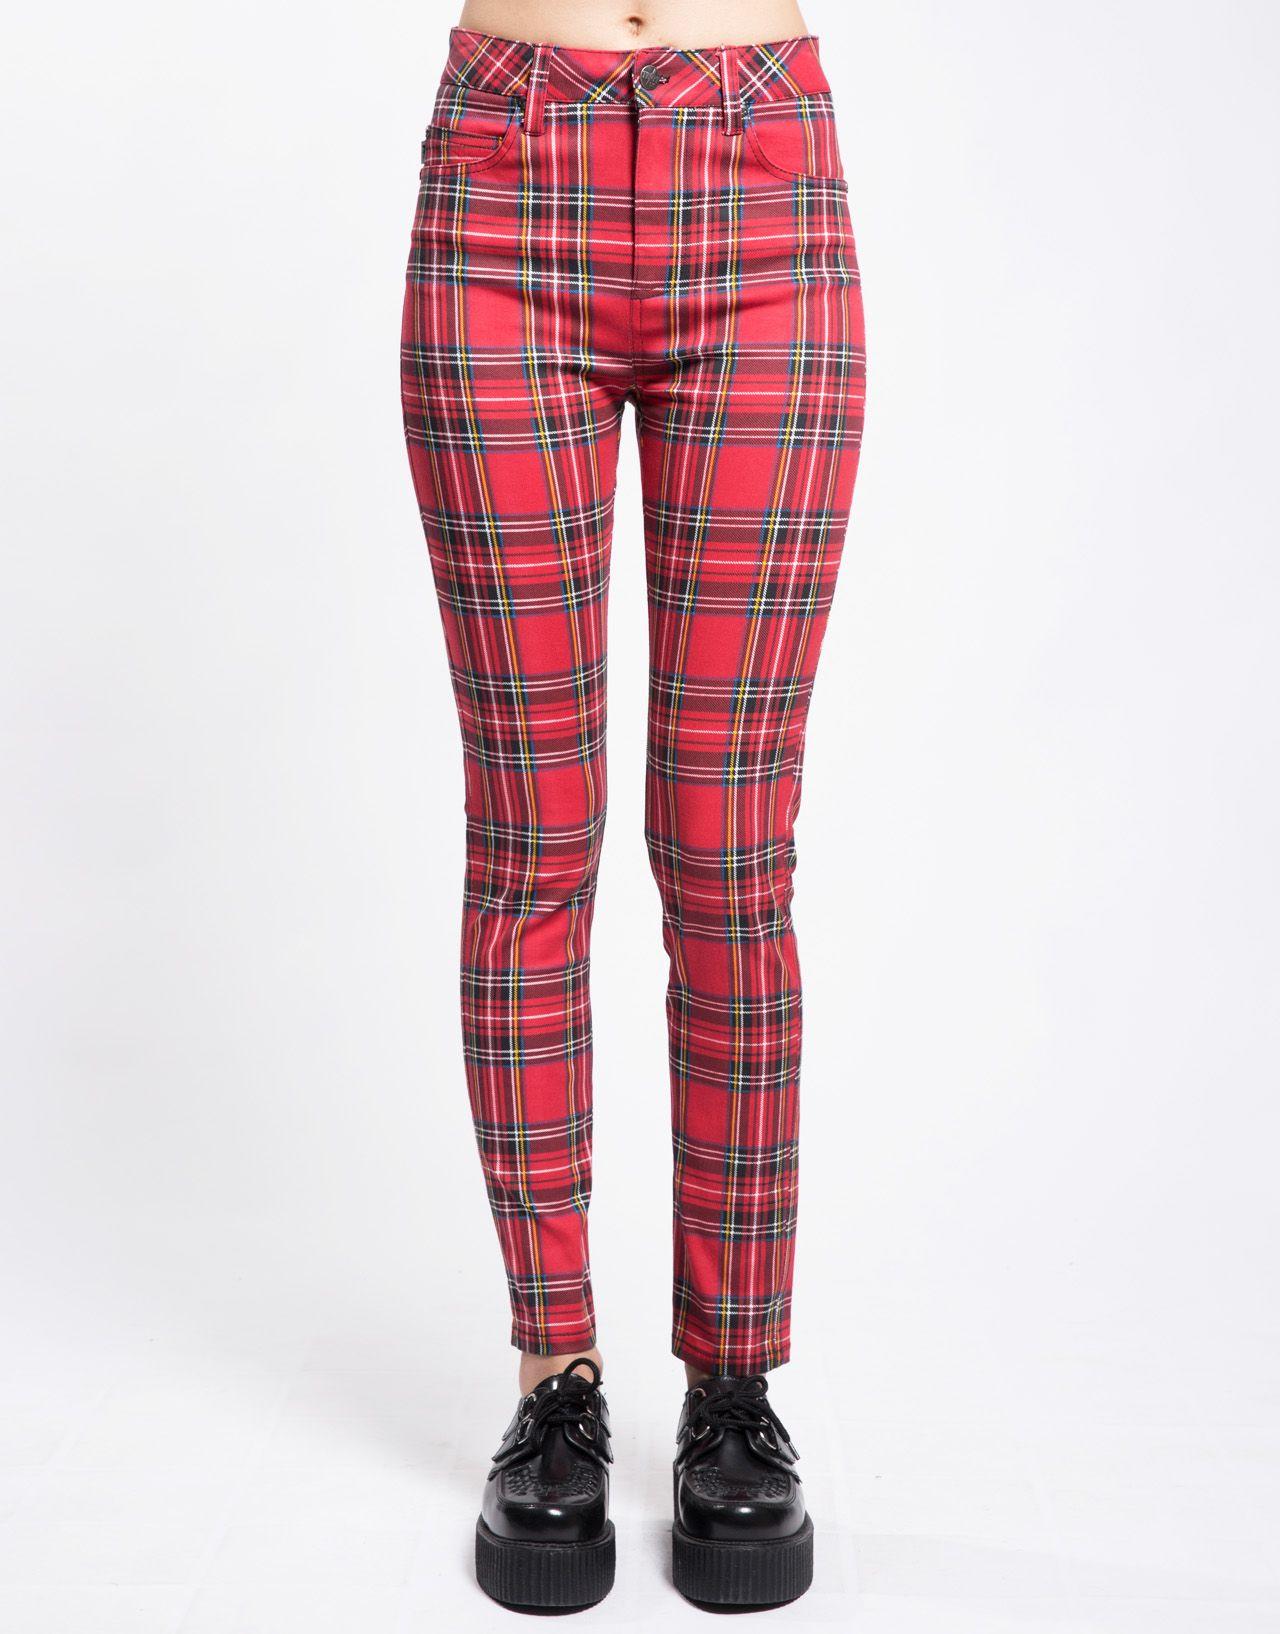 e097633030 Tripp NYC tartan jeans   clothes   Red plaid, Plaid, Jean Shorts